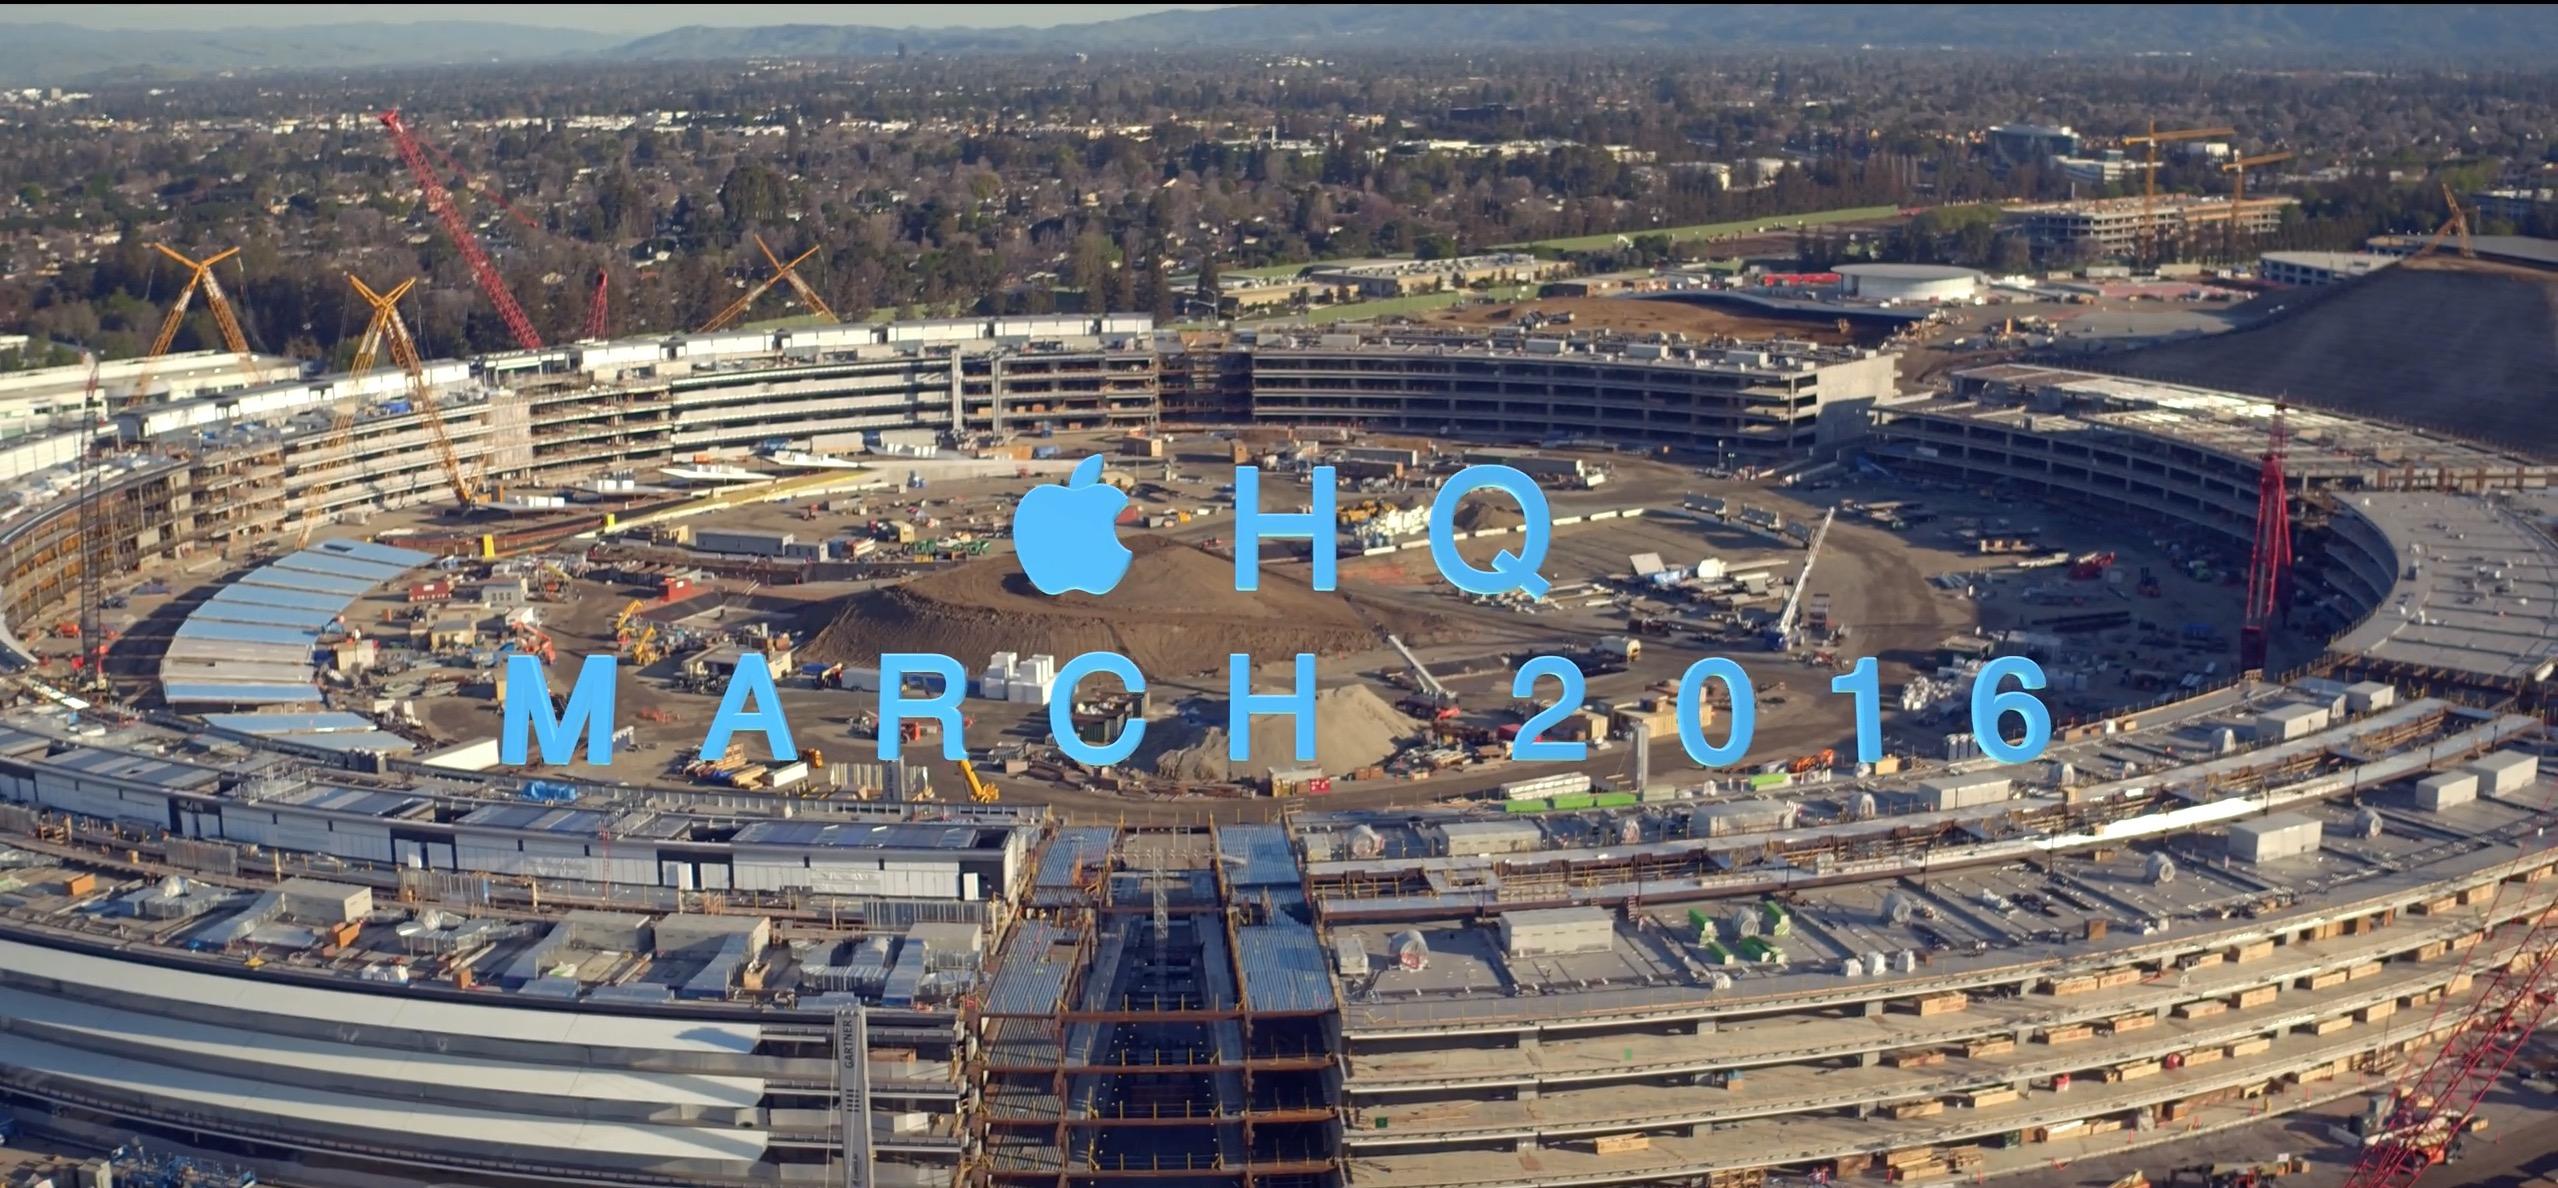 Drohnenflug über Apple Campus 2 - drohnen